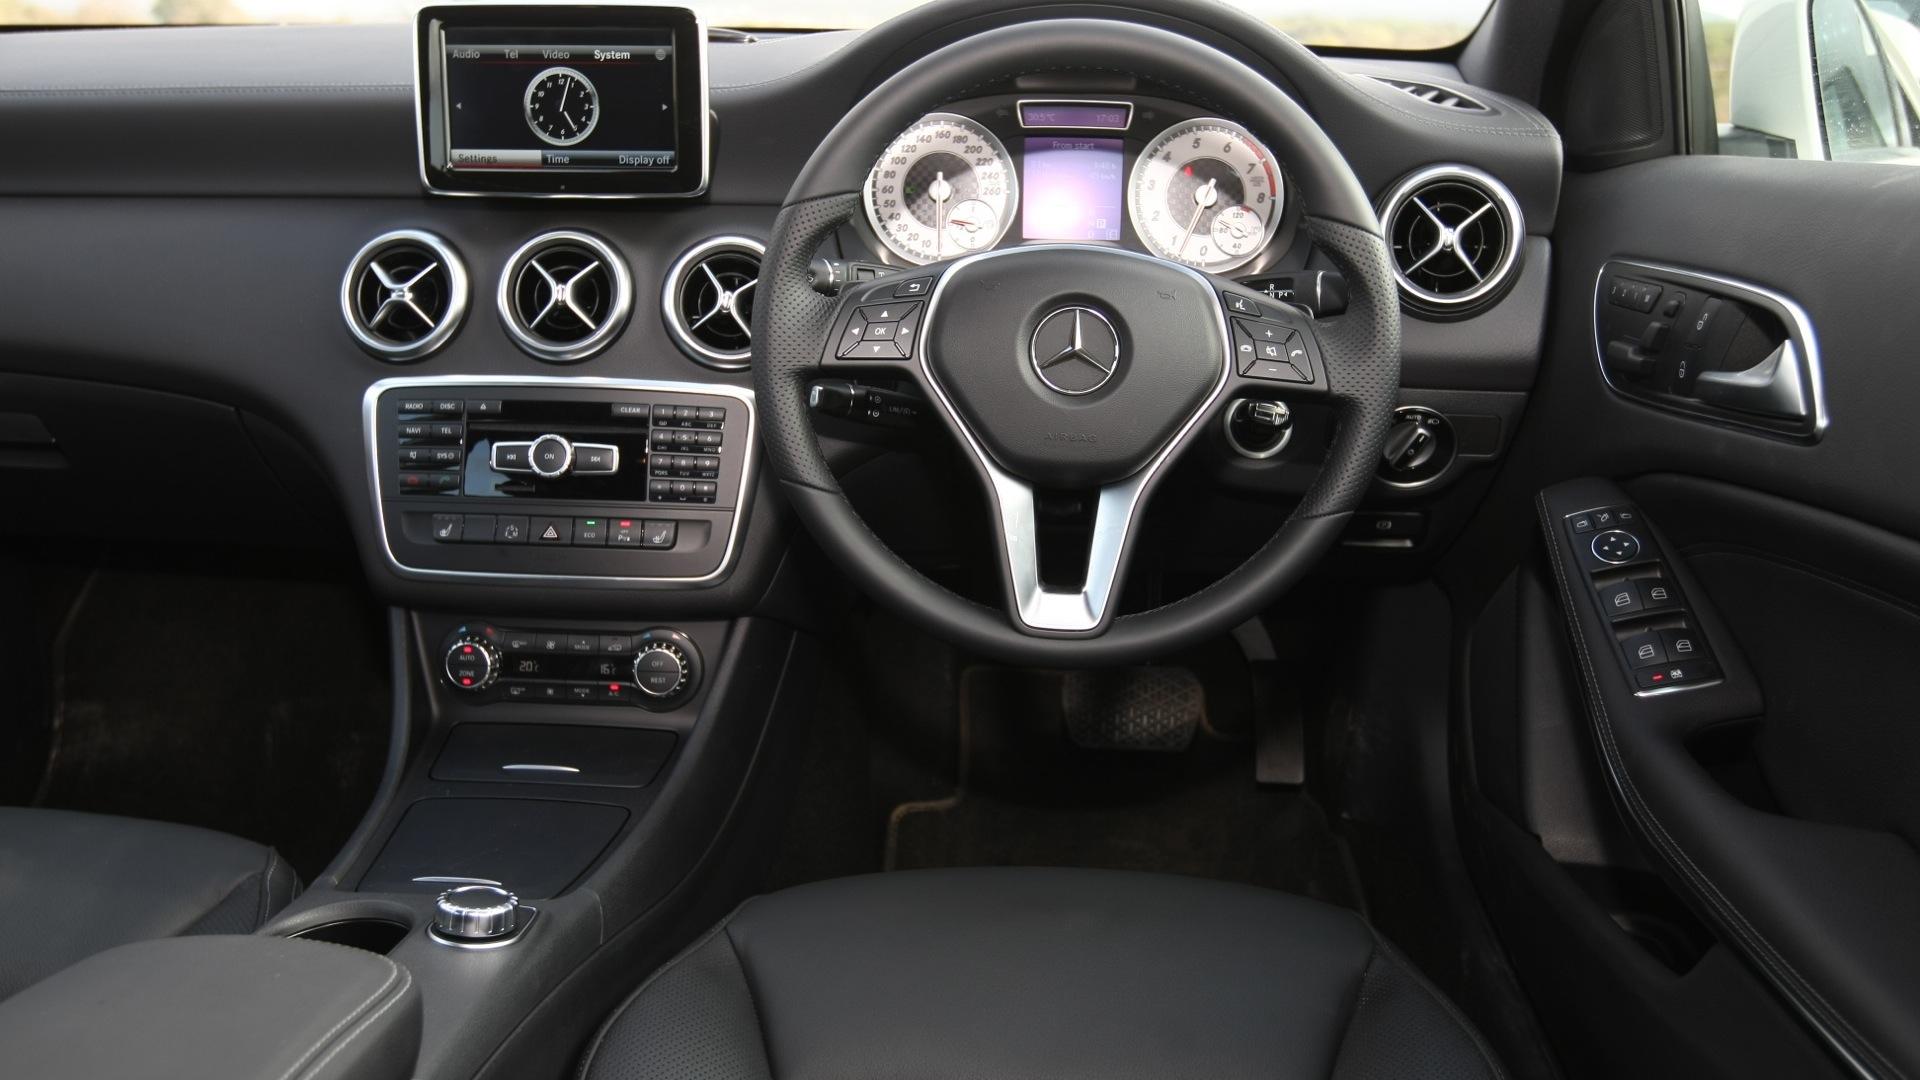 Mercedesbenz A180 Sport Interior Car Photos Overdrive